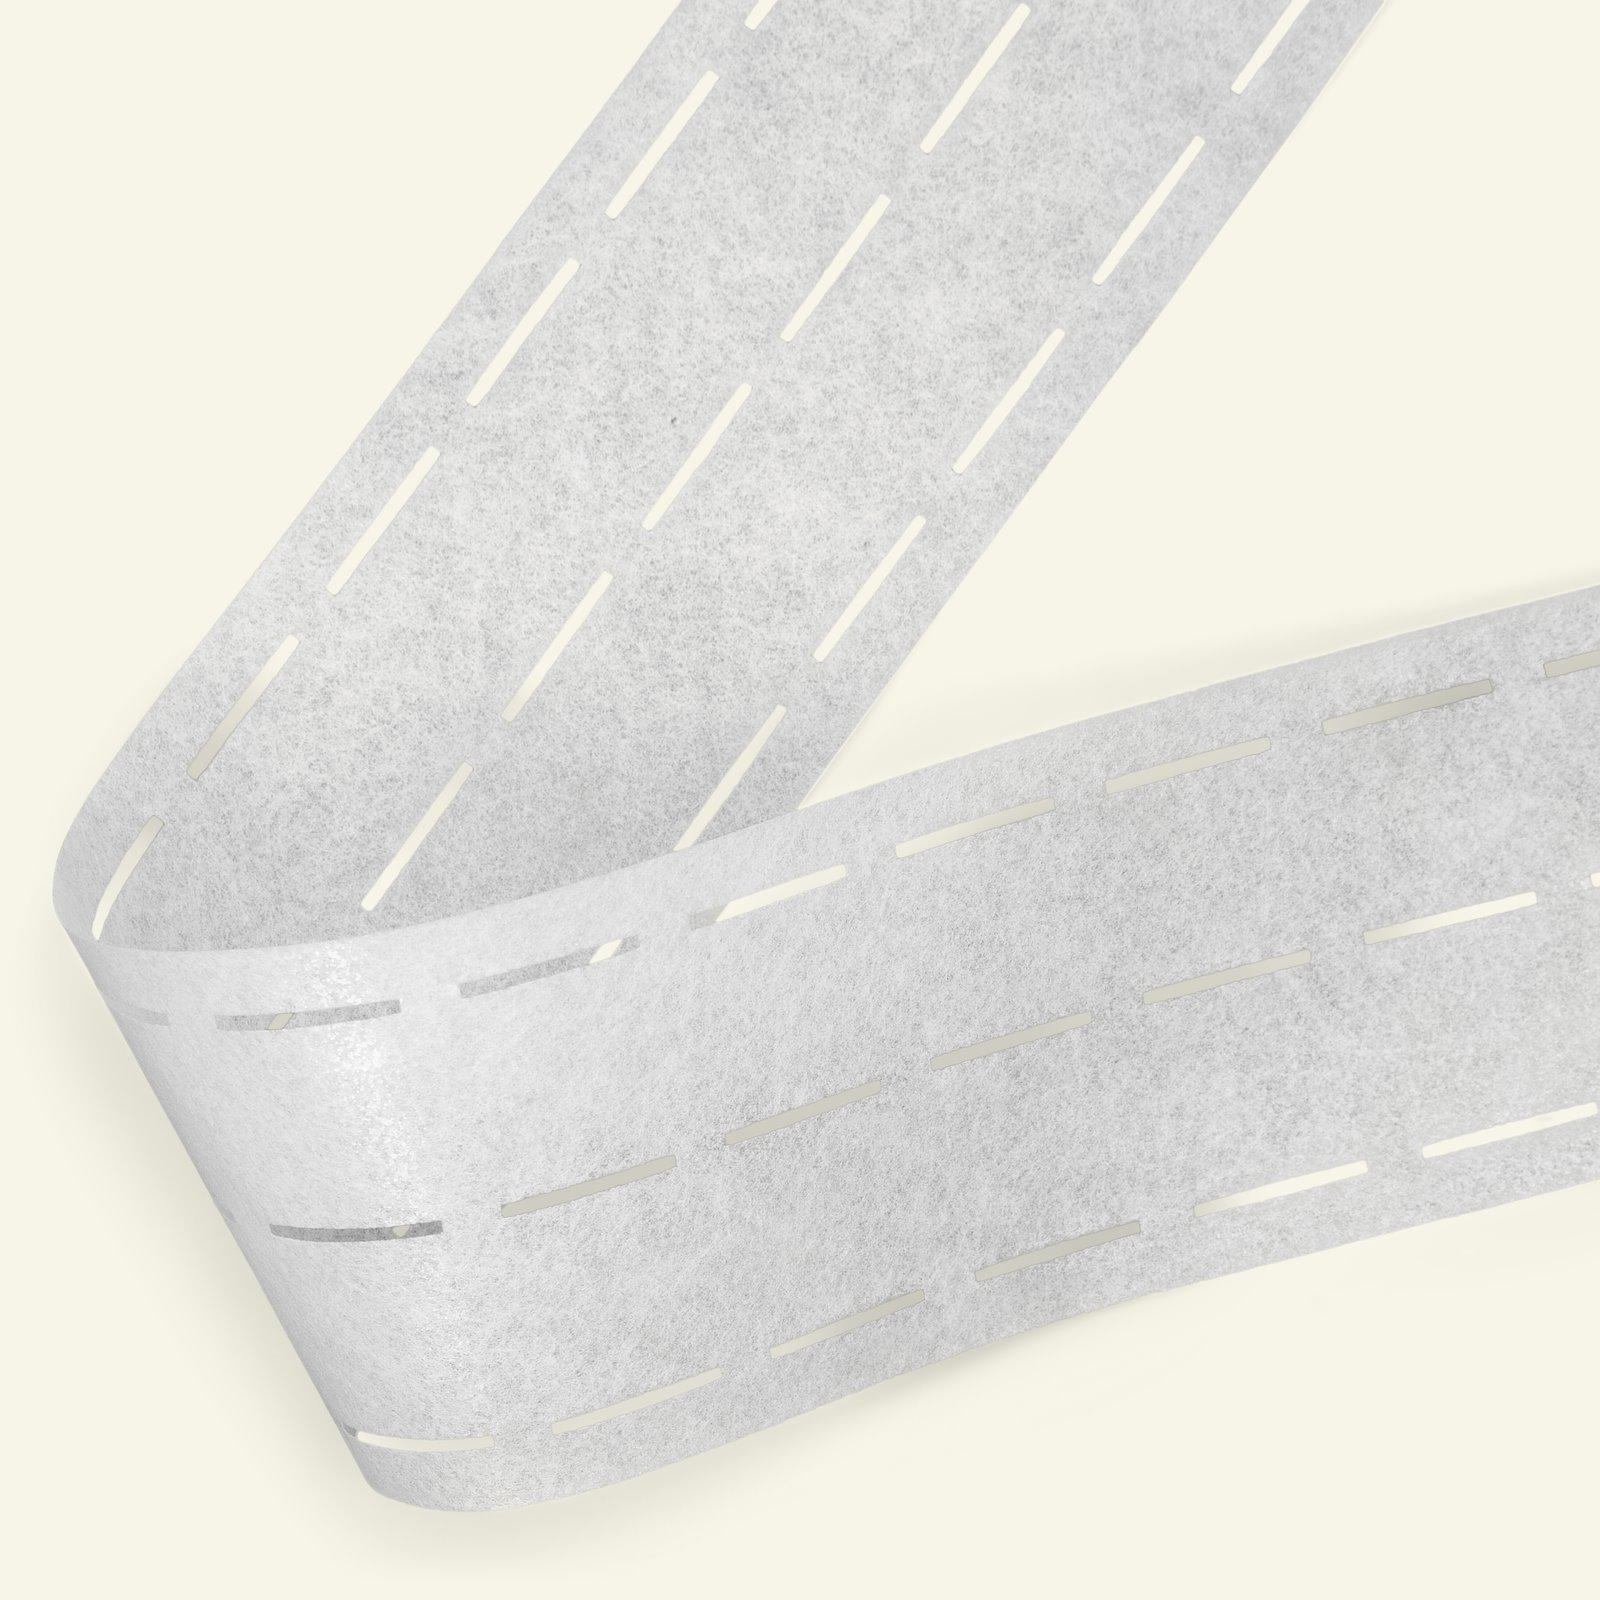 Staflex waistband 80mm 3m 910002_pack